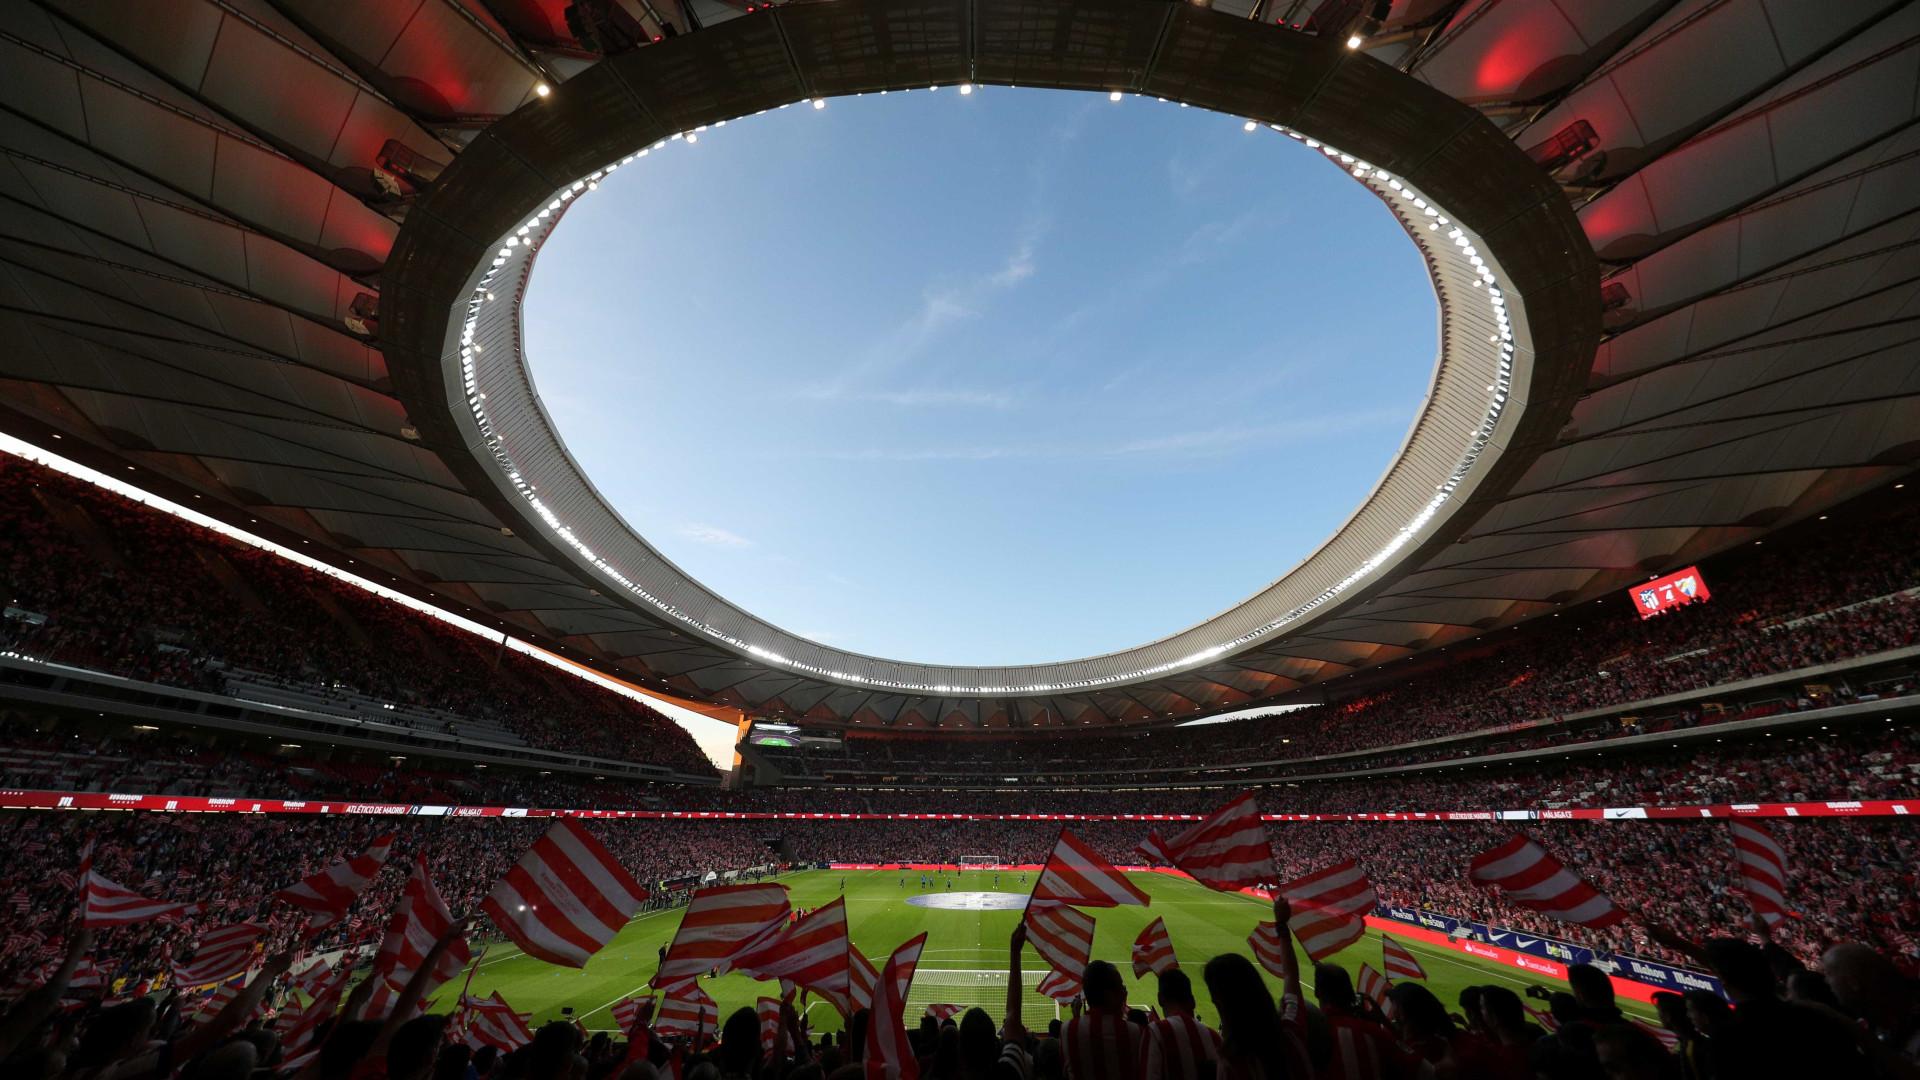 Novo estádio do Atlético Madrid receberá final da Champions, em 2018/19